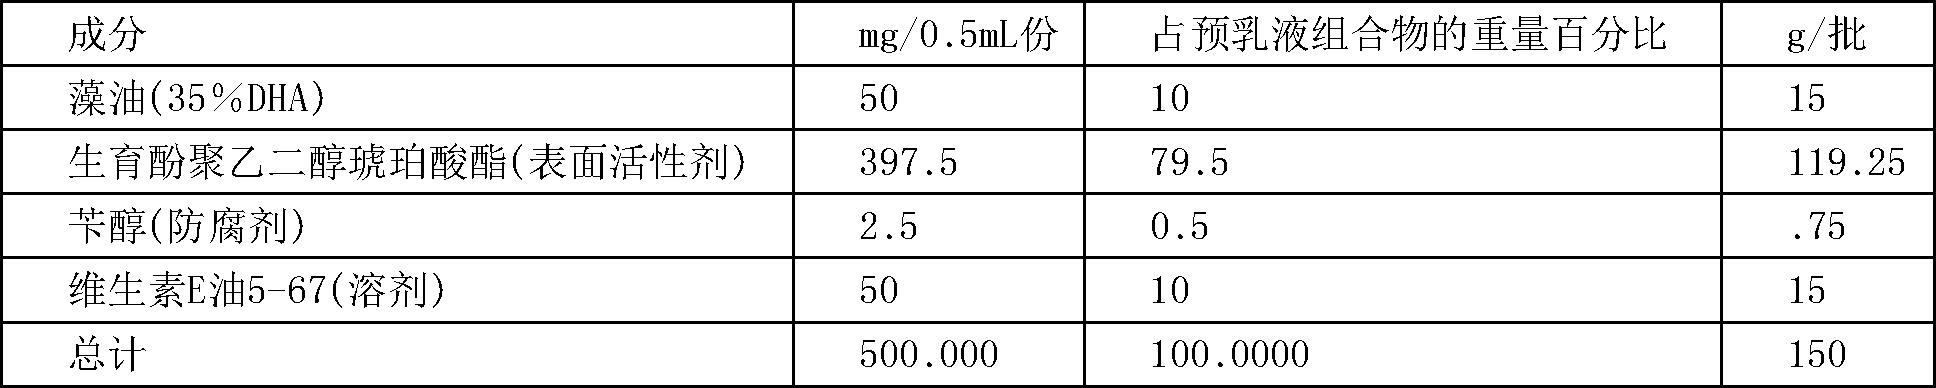 Figure CN102036661BD00842